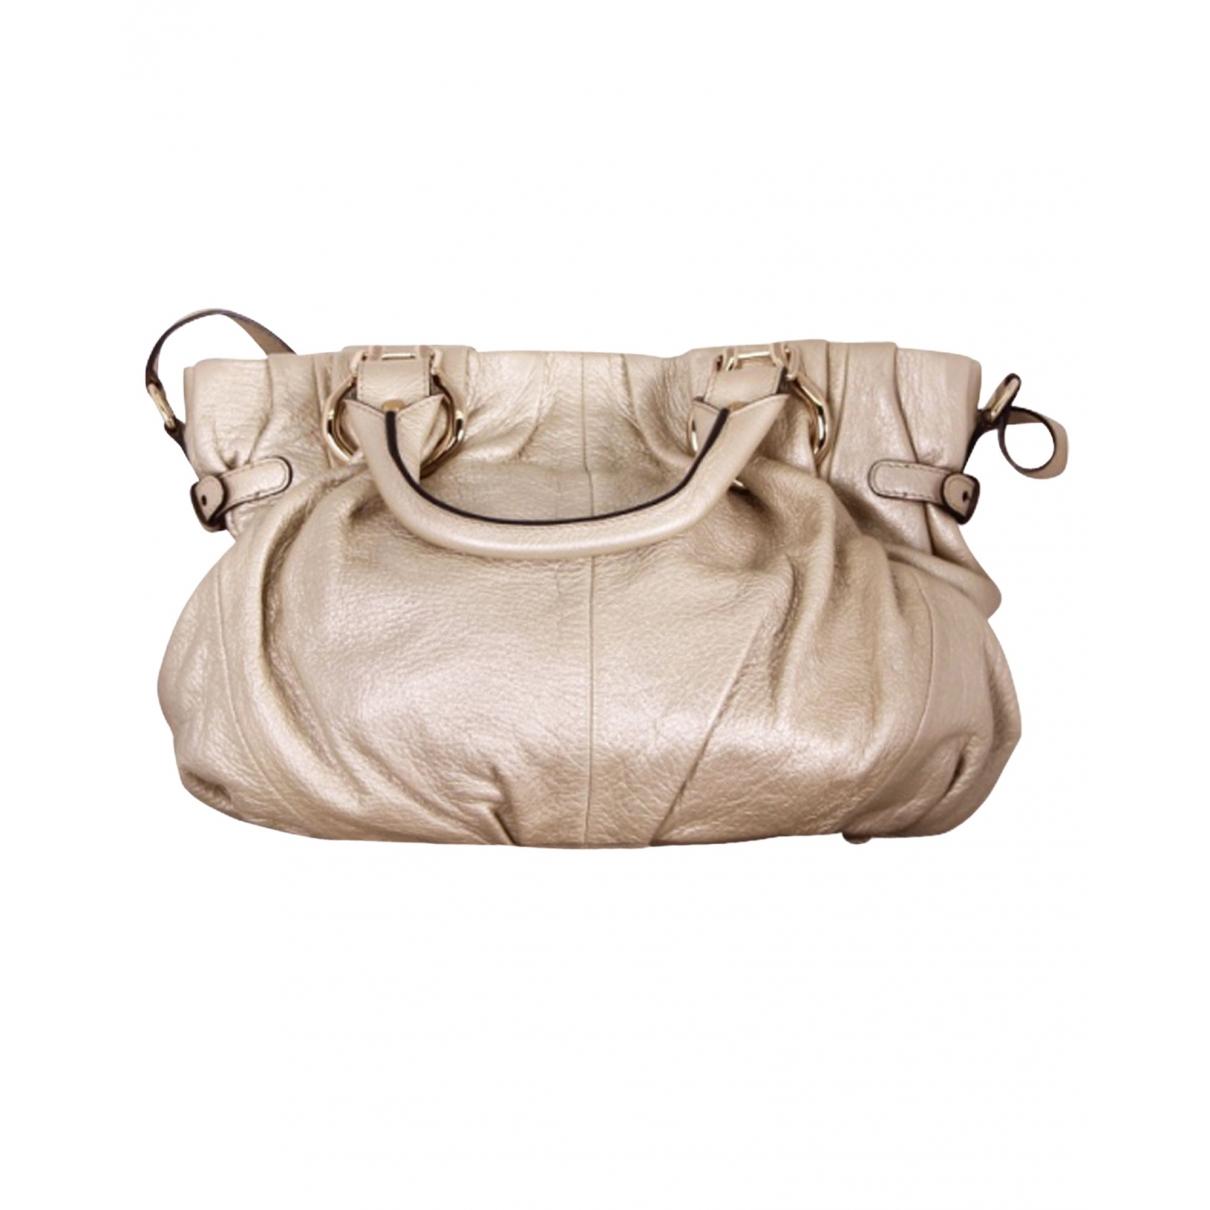 Celine \N Gold Leather handbag for Women \N